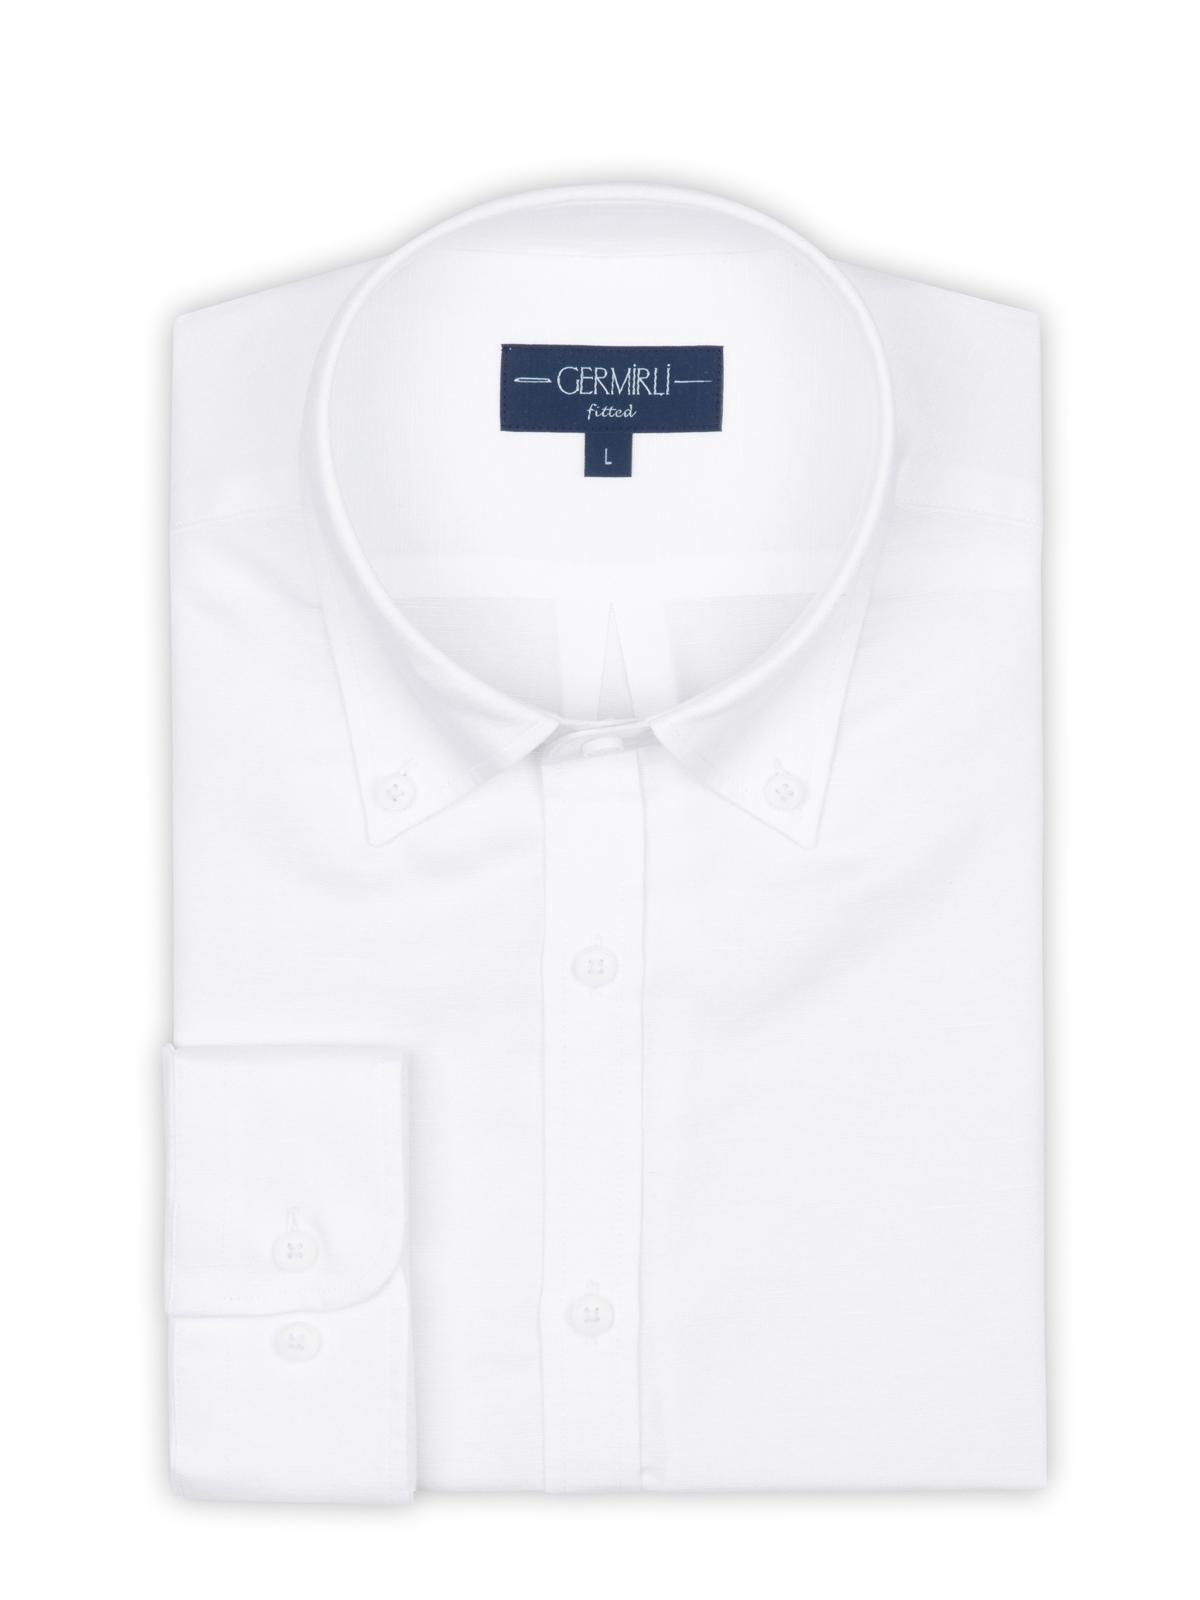 Germirli Beyaz Pamuk Keten Düğmeli Yaka Tailor Fit Gömlek